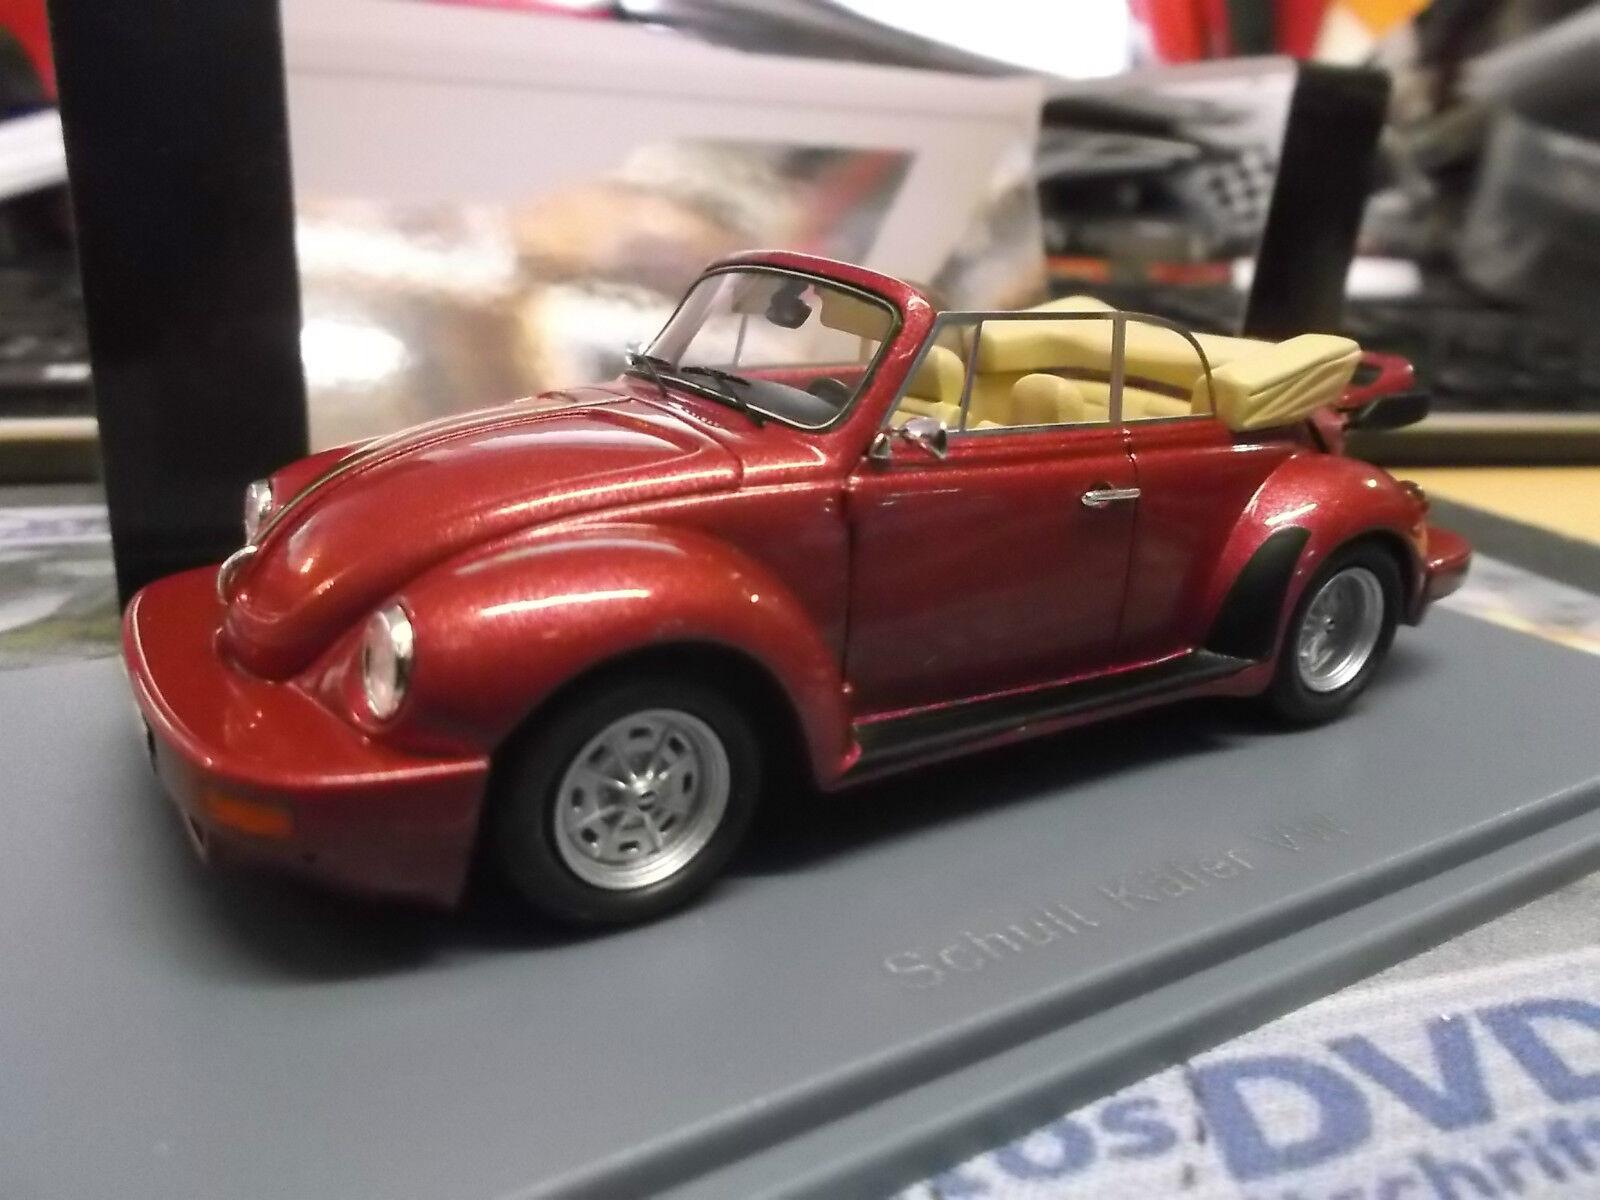 selección larga VW EsCocheabajo Volkswagen tuning estimula cabriolet rojo ro ro ro converdeible neo resin gama alta 1 43  saludable